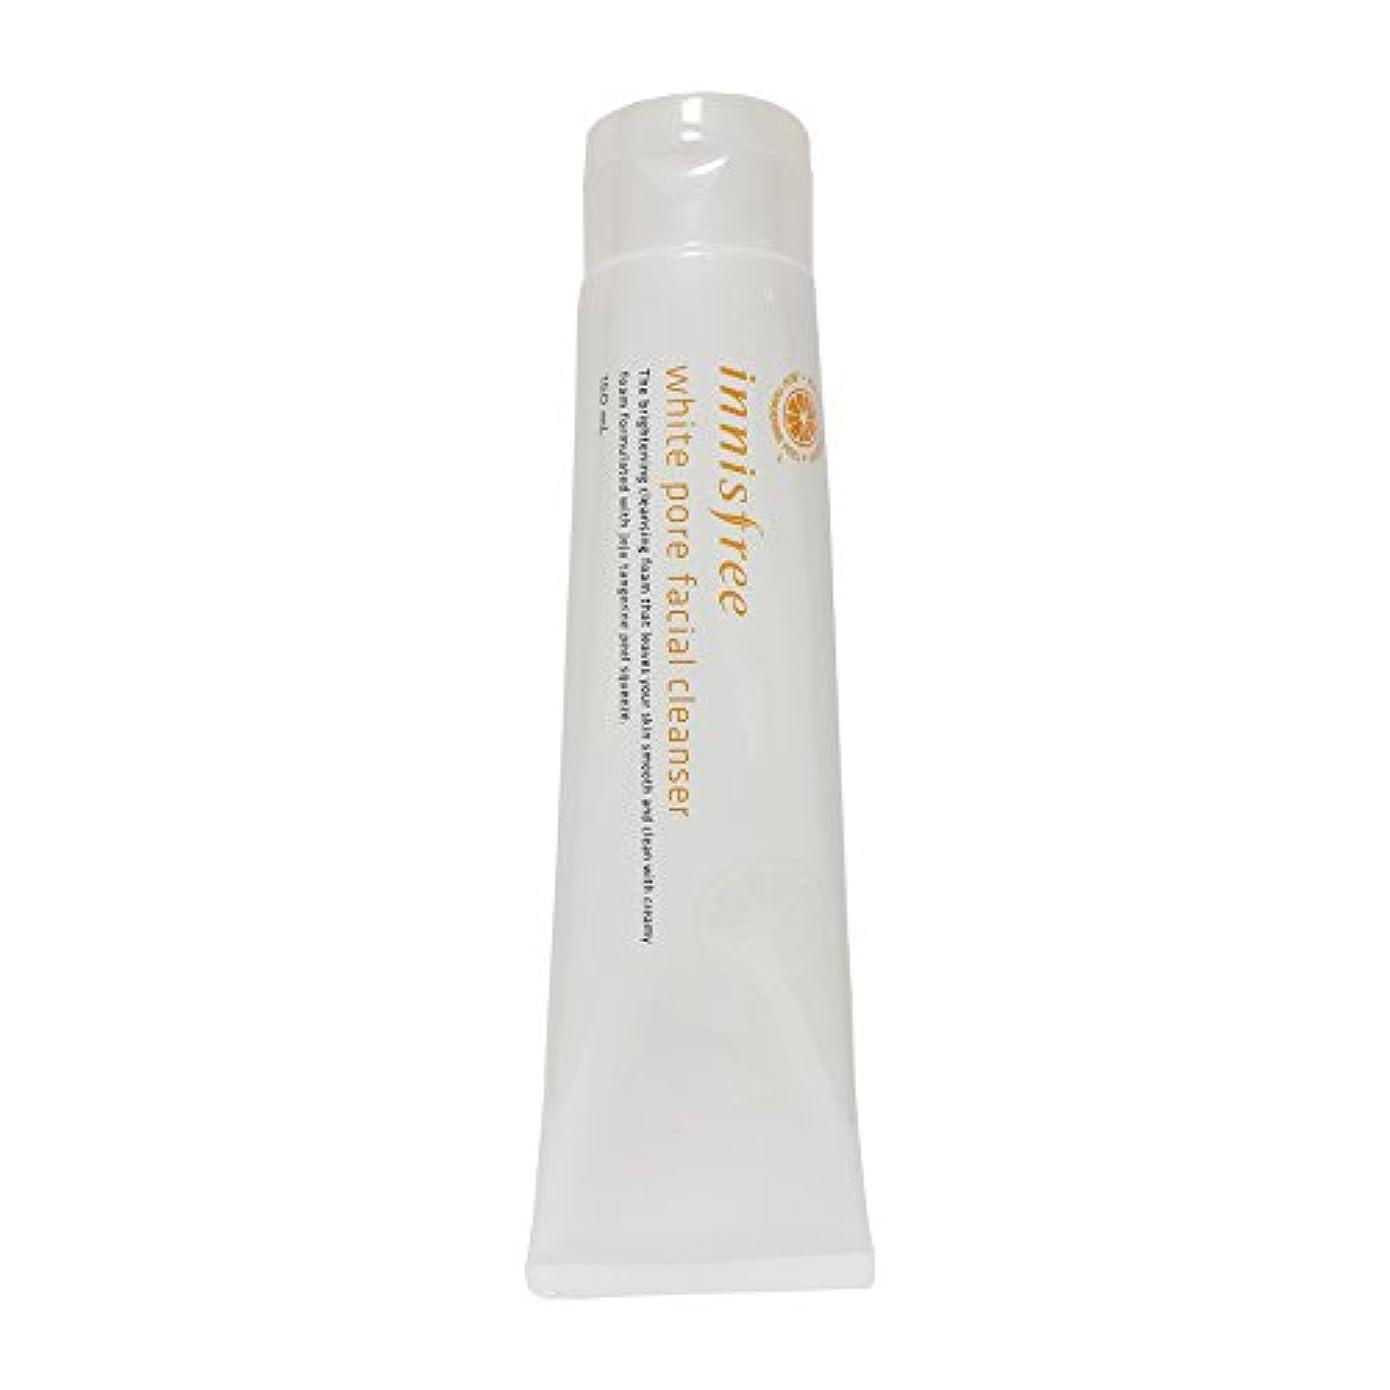 れんがコンソールタッチ[イニスフリー] Innisfree ホワイト毛穴フェイシャルクレンザー (150ml) Innisfree White Pore Facial Cleanser(150ml) [海外直送品]